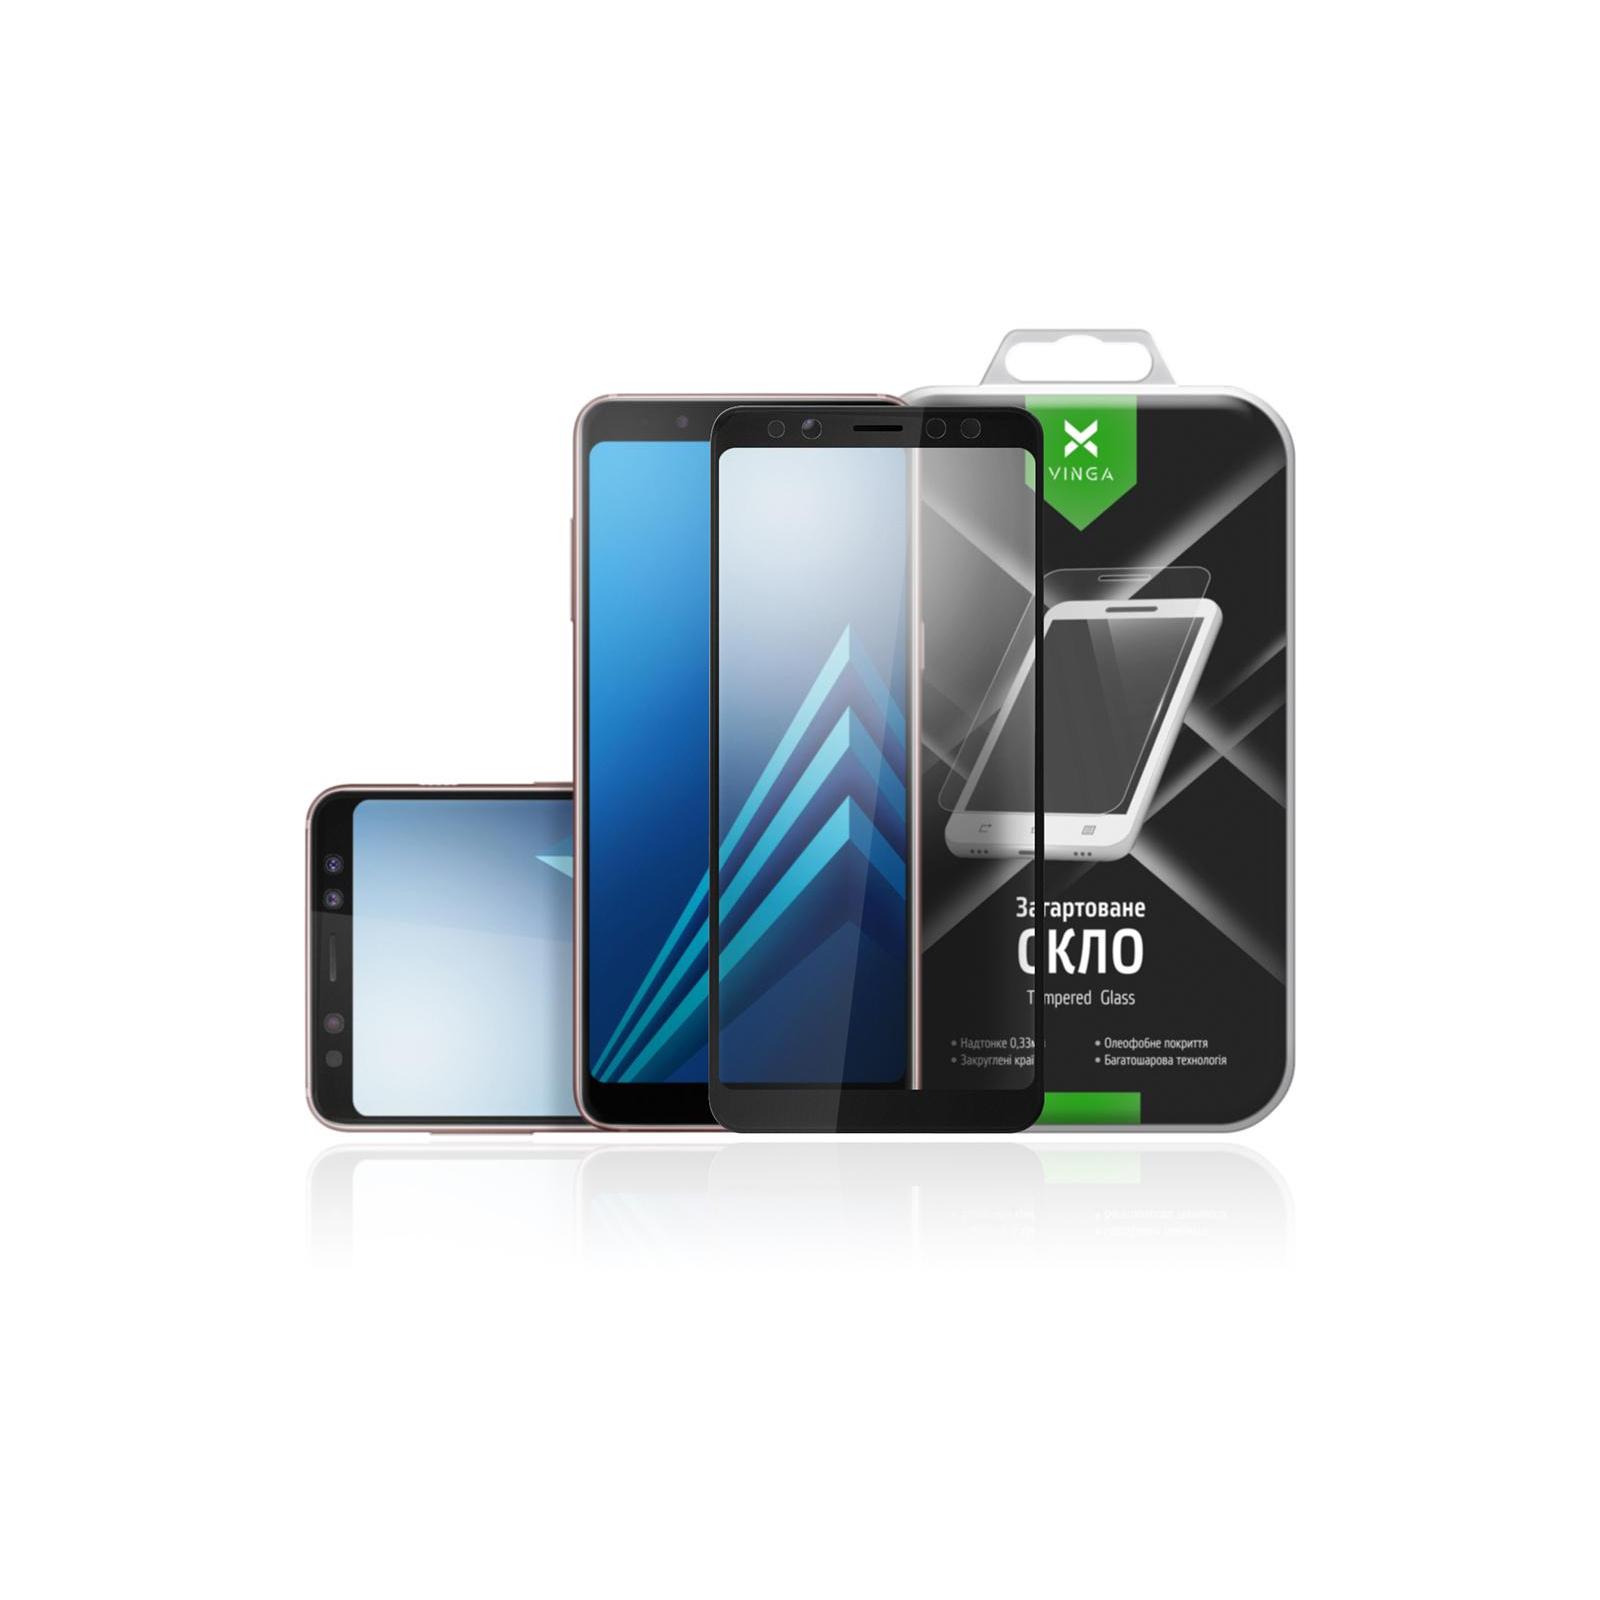 Стекло защитное Vinga для Samsung Galaxy A8 Plus (2018) A730 (VTPGS-A730)